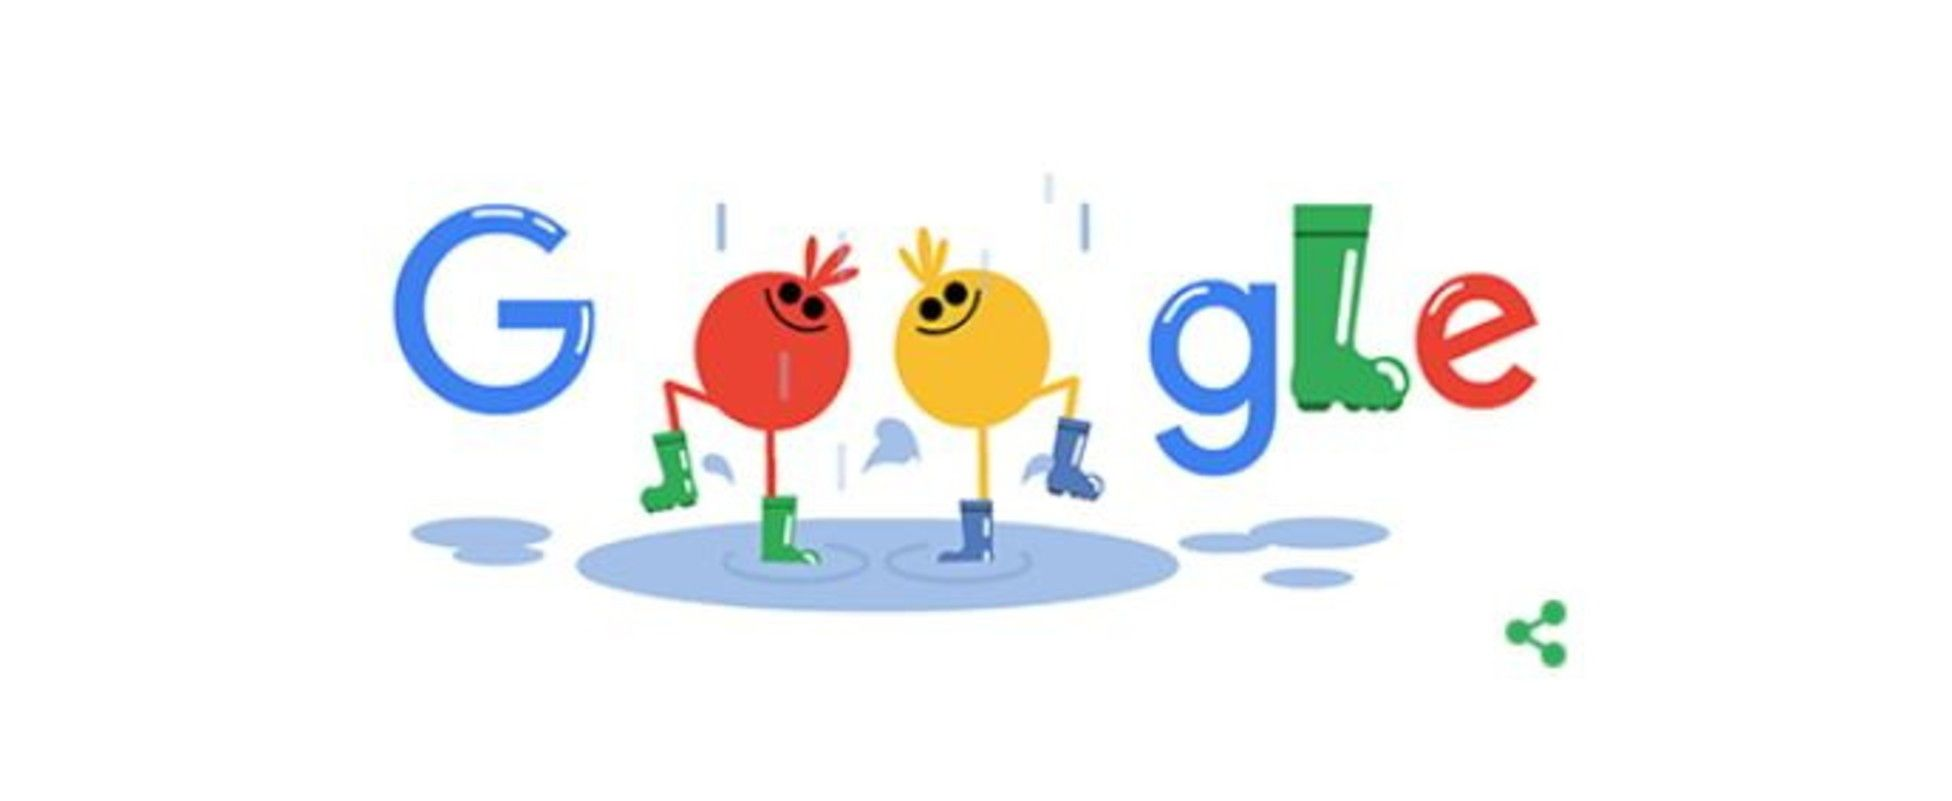 stivali Wellington google doodle